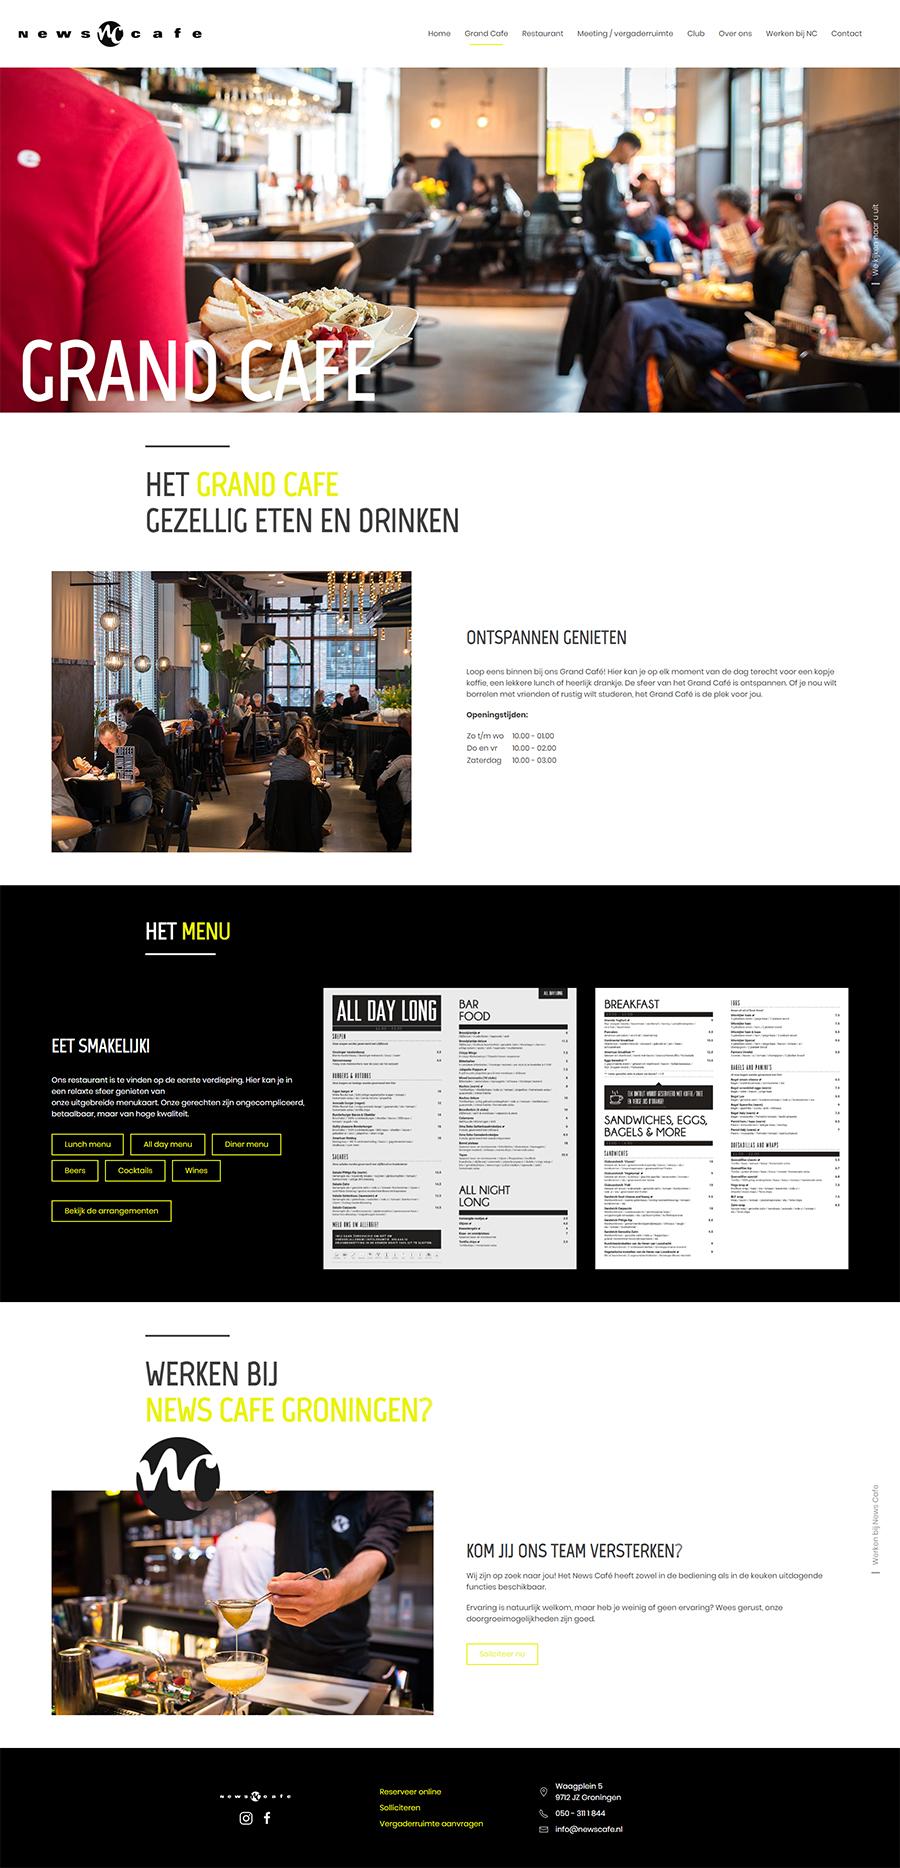 Newscafe Groningen